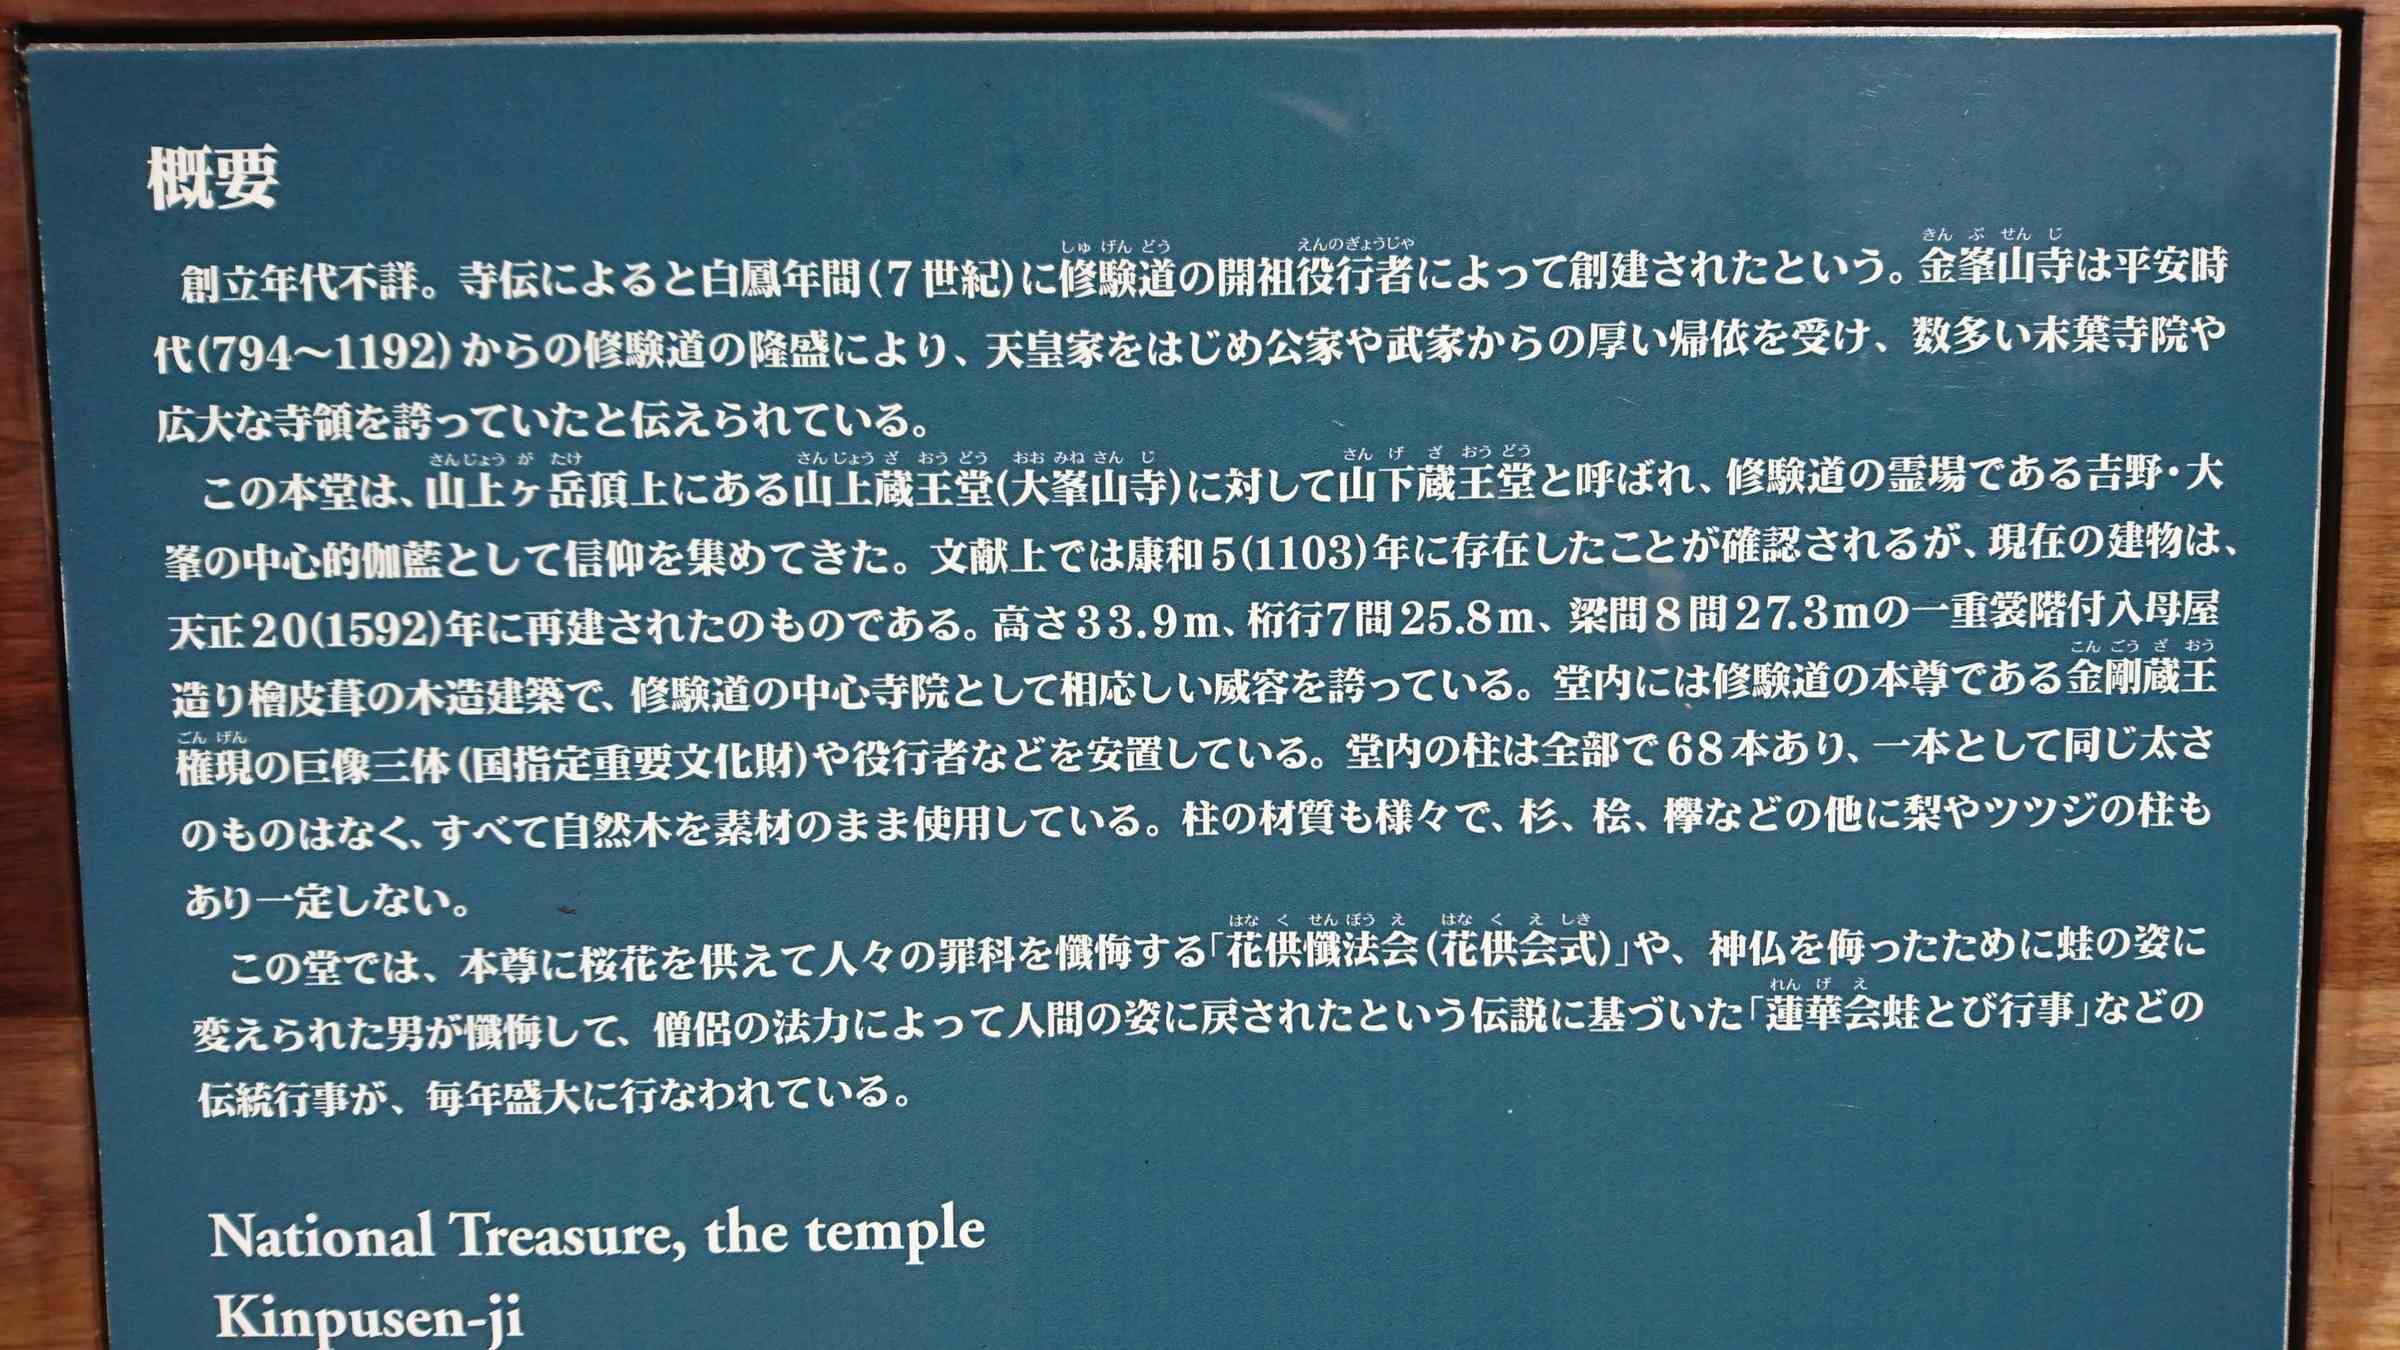 f:id:ynakayama27:20171002180409j:plain